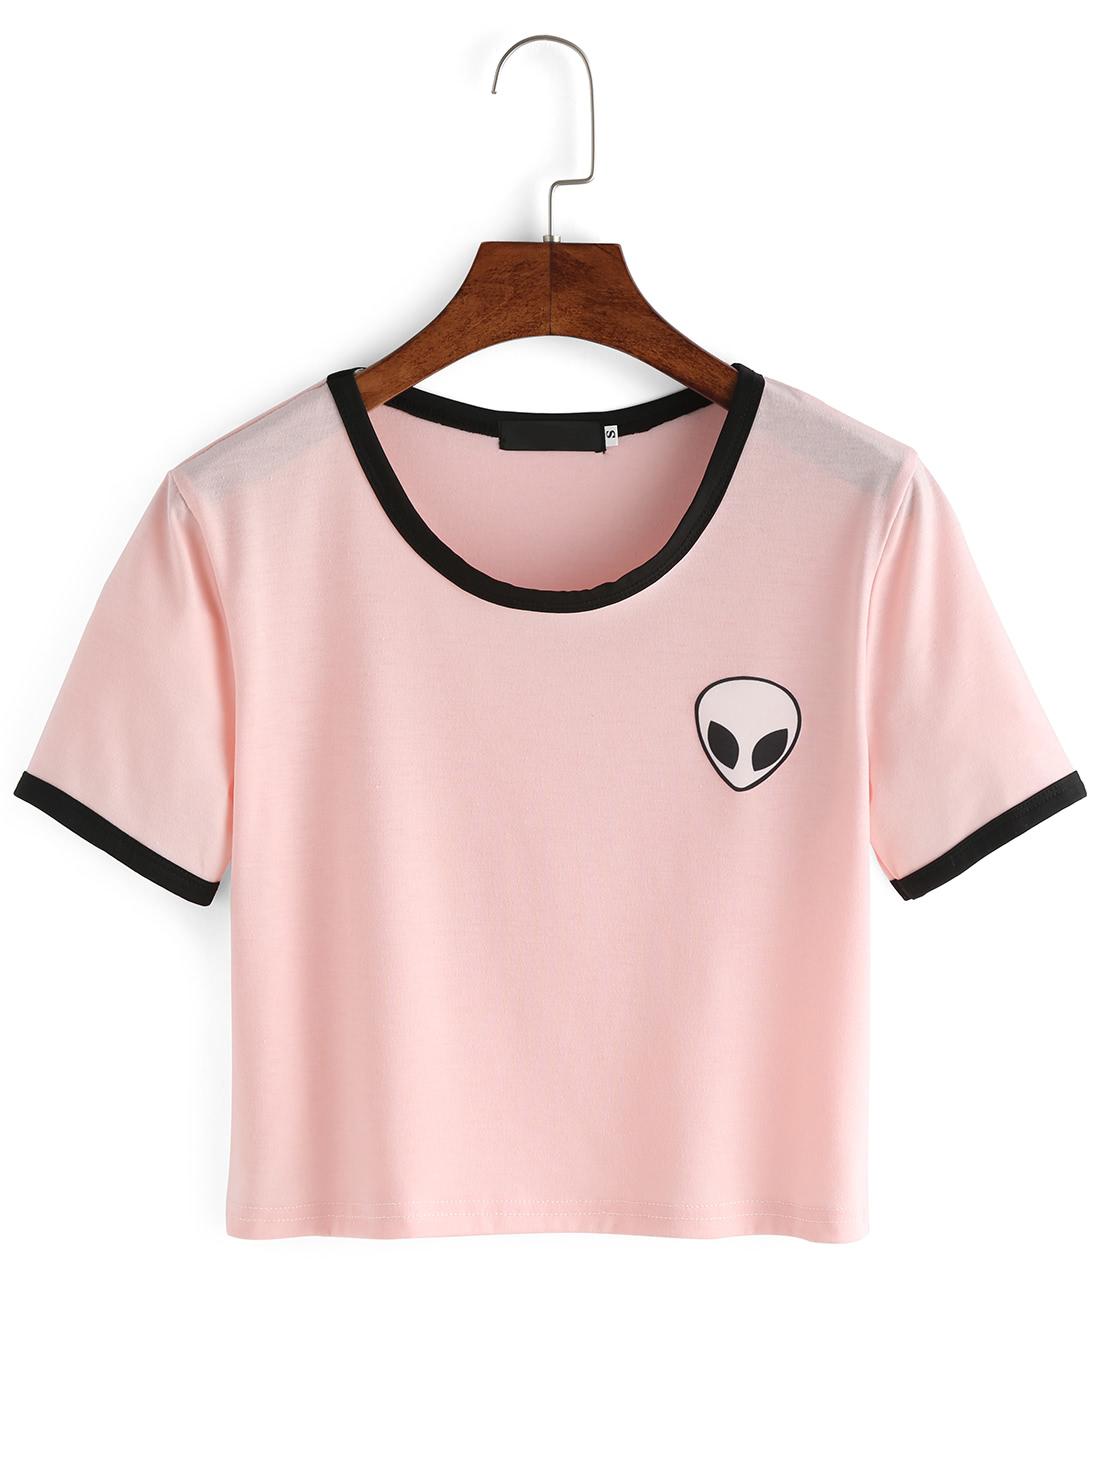 T shirt printing at white rose - T Shirt Court Imprim Rose